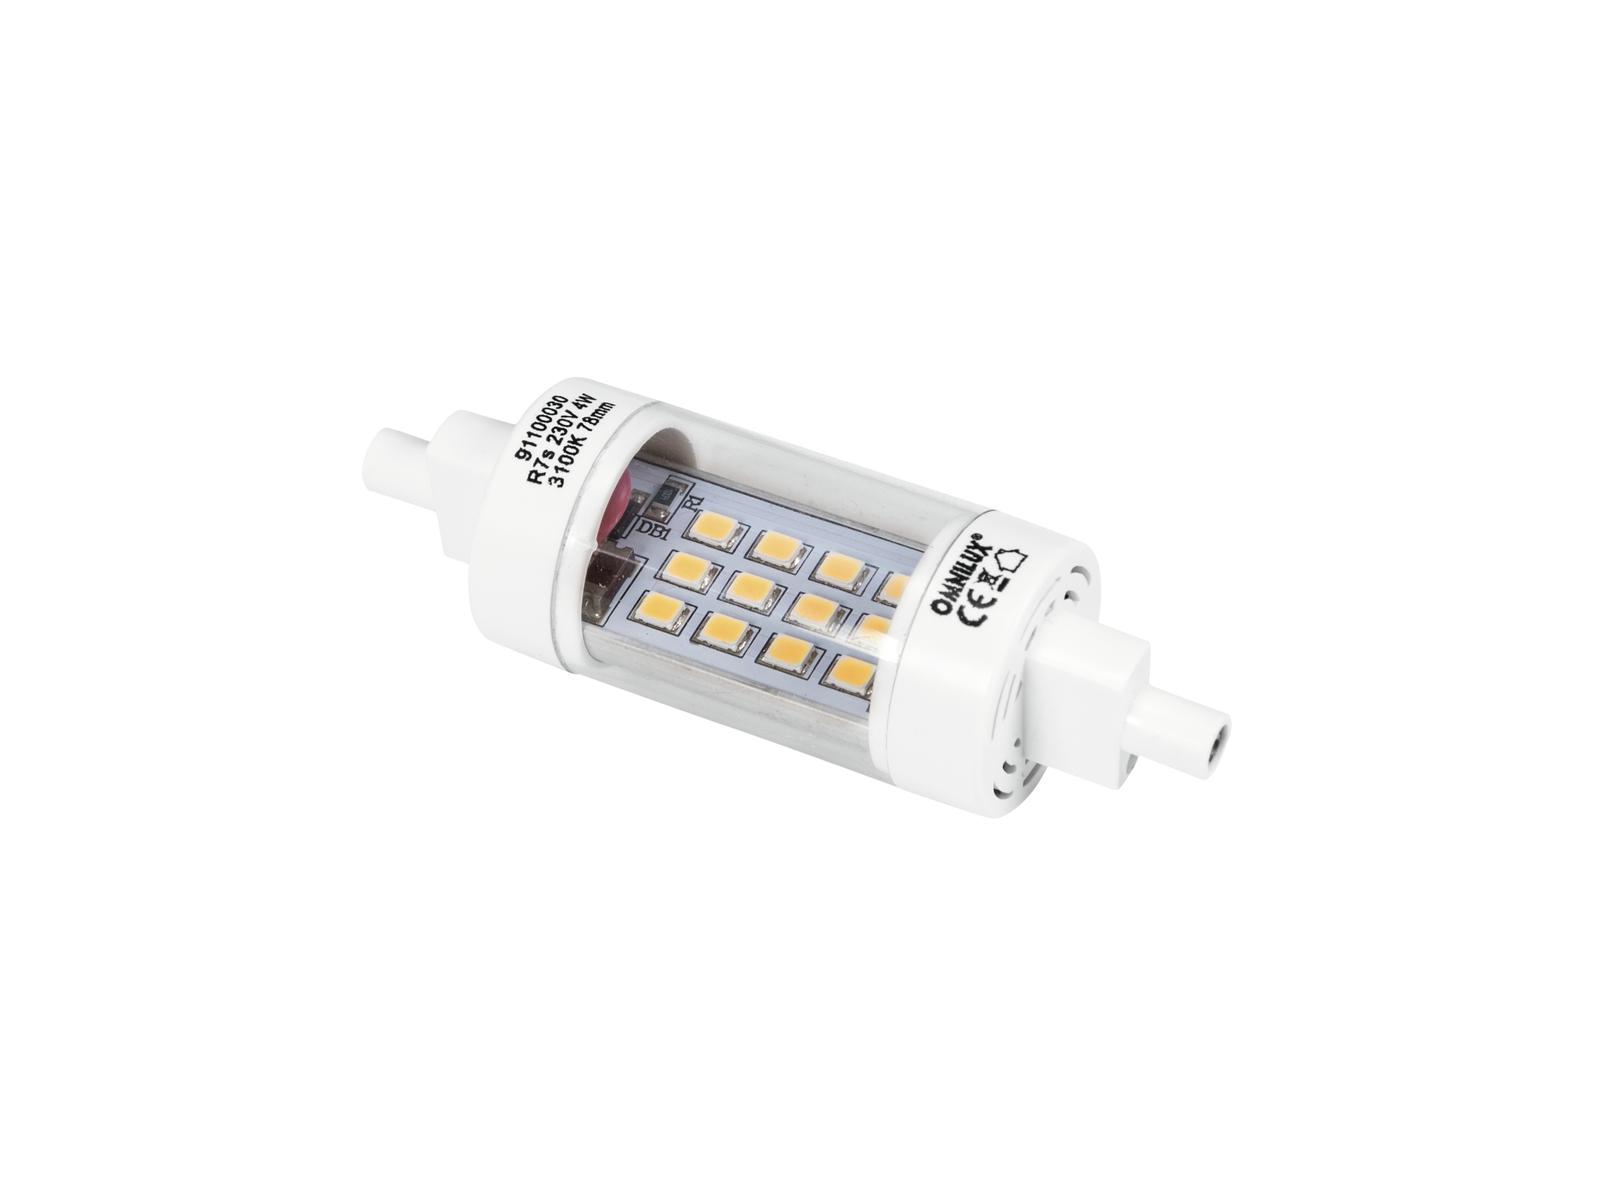 OMNILUX LED 230V/4W R7s 78mm Stabbrenner